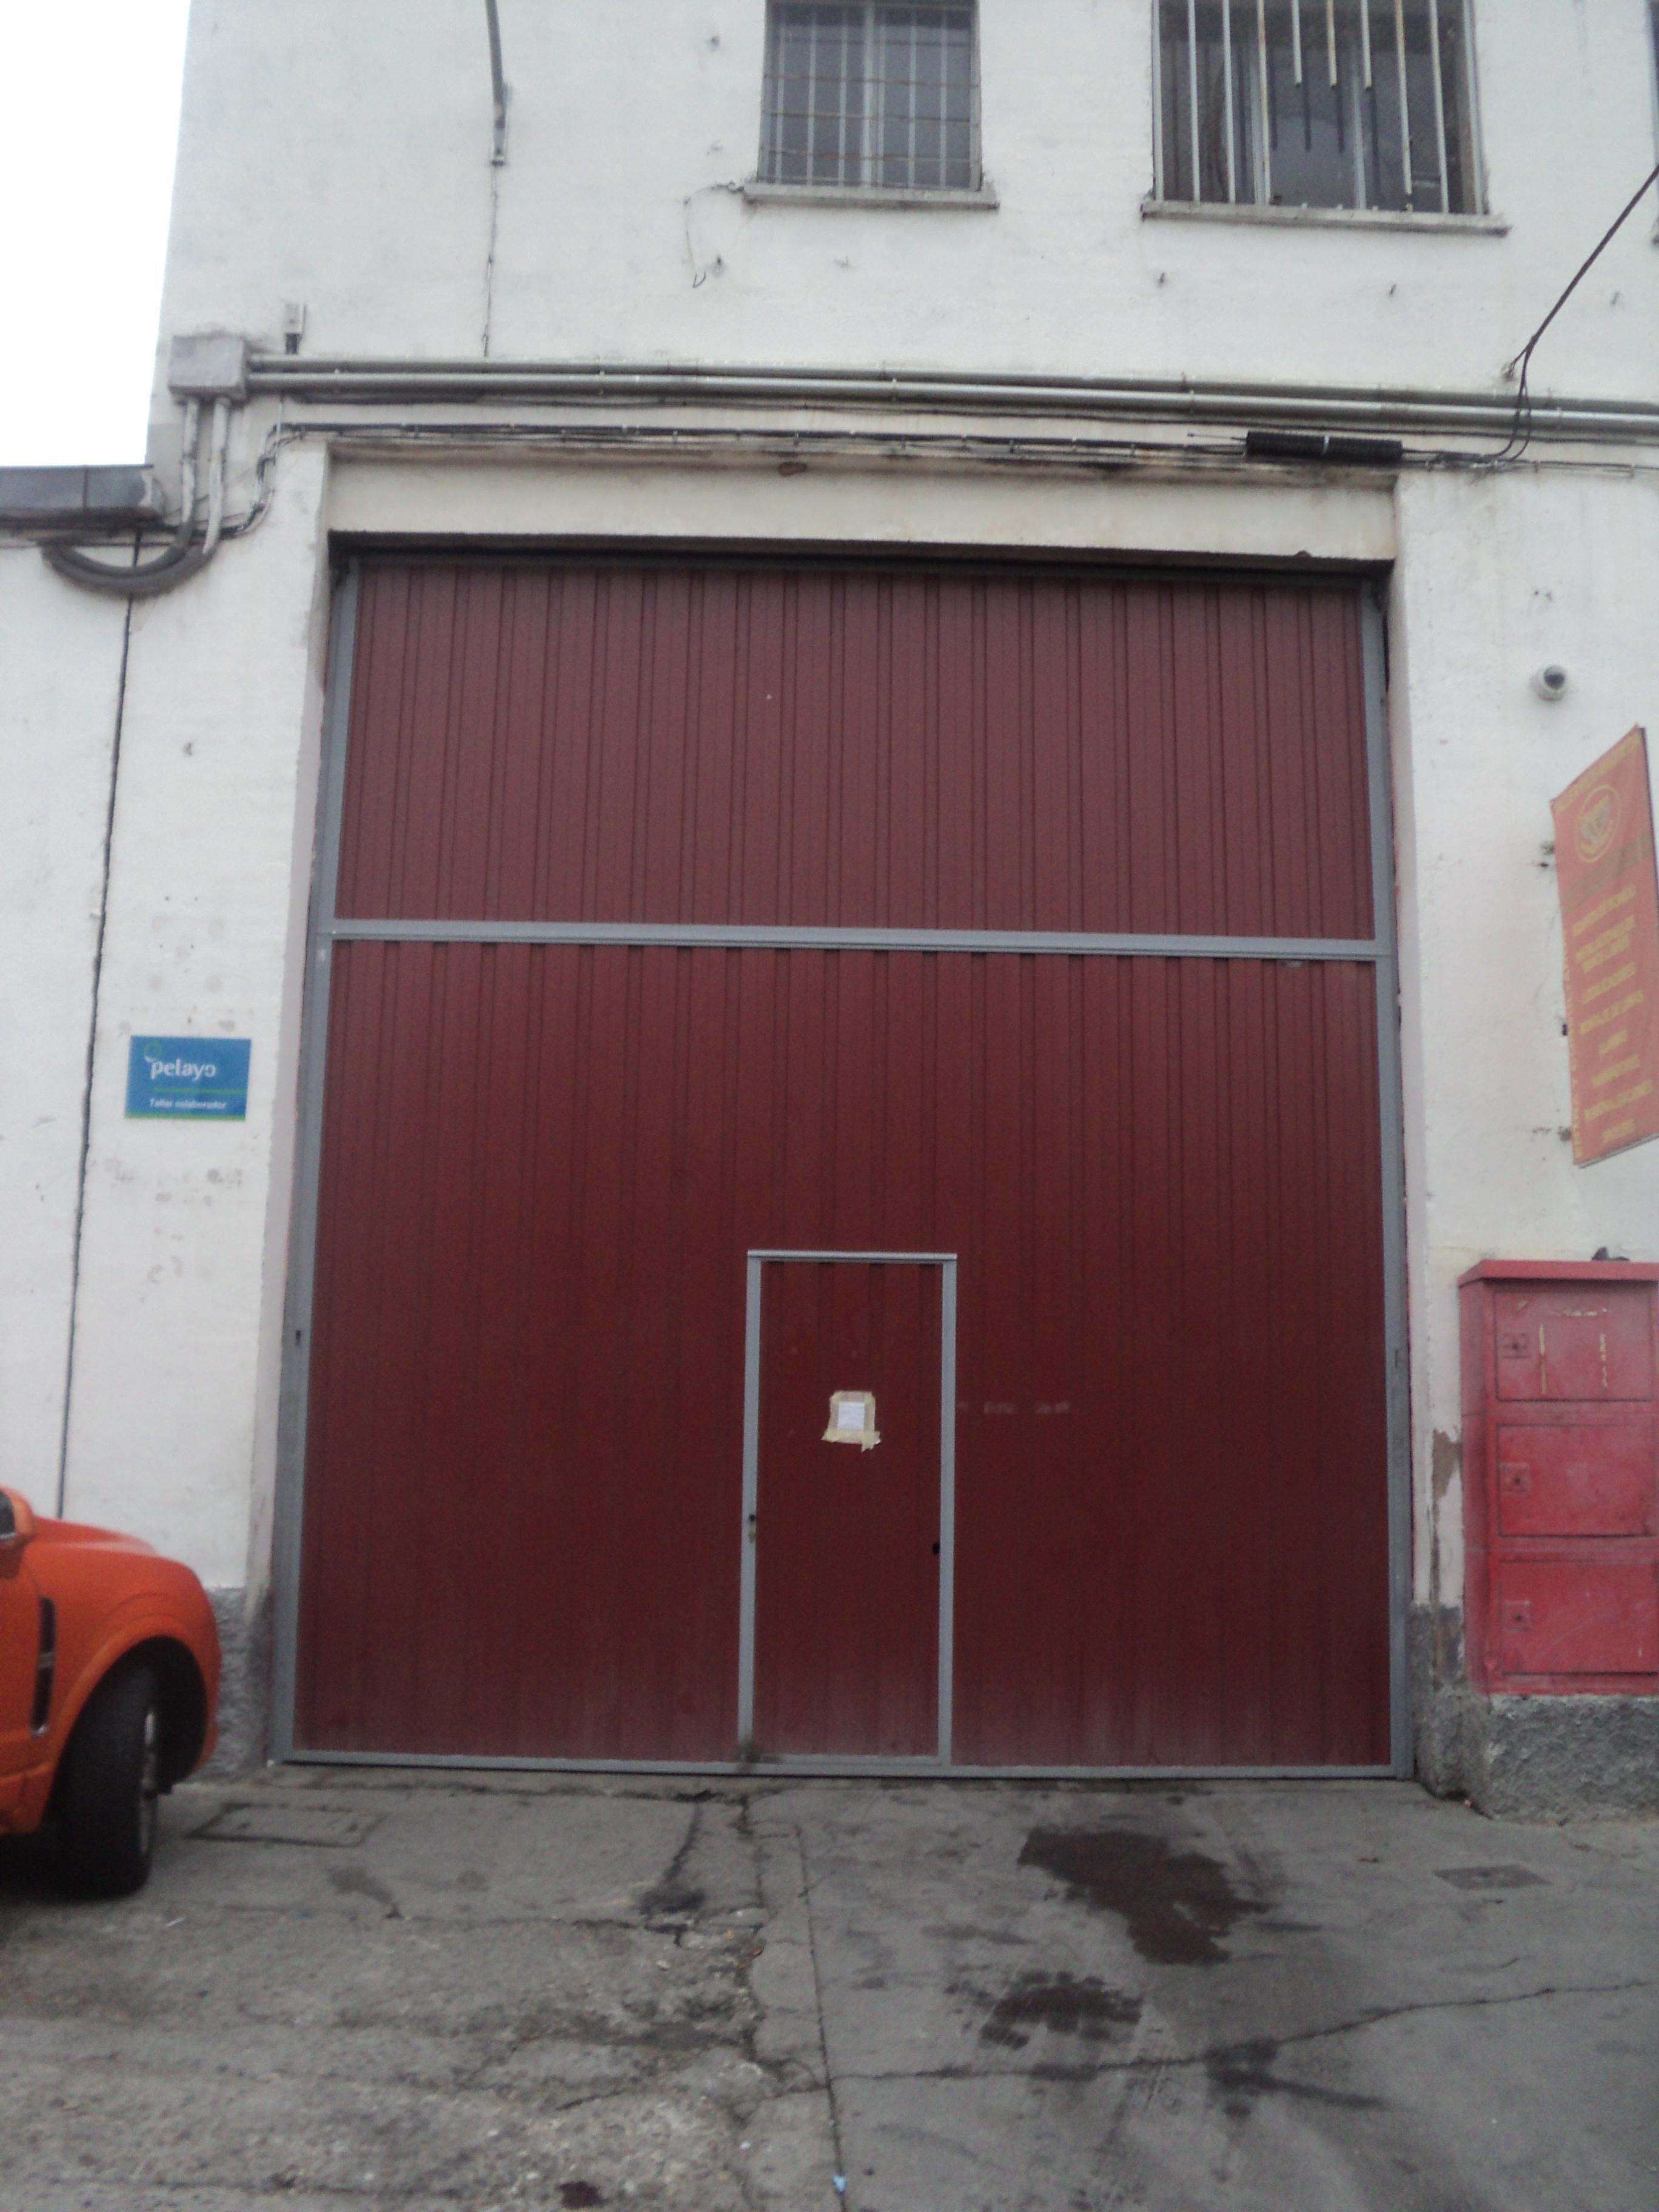 35 motores para puertas abatibles puertas automticas - Puertas abatibles garaje ...